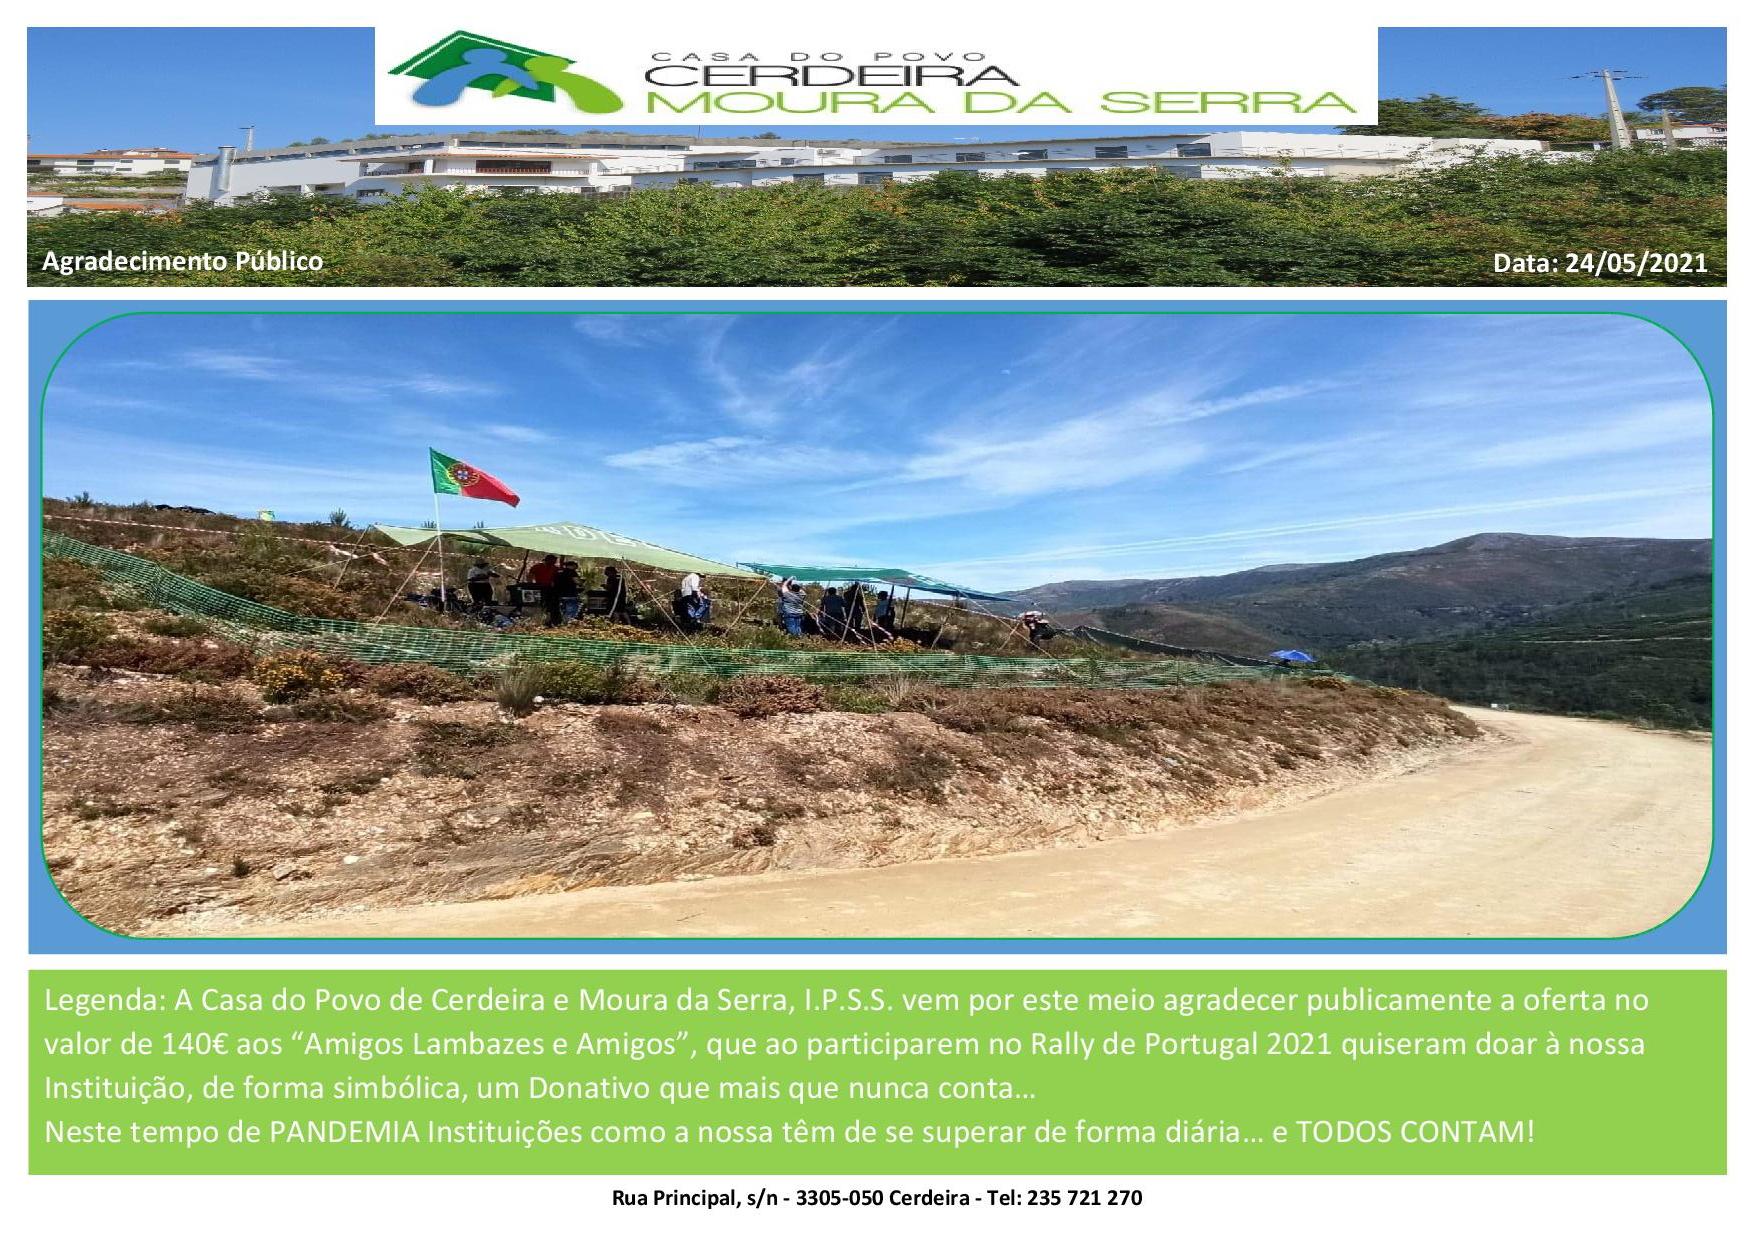 """Casa do Povo de Cerdeira e Moura da Serra, I.P.S.S. – Agradecimento Público aos """"Amigos Lambazes e Amigos"""" em 24-05-2021"""